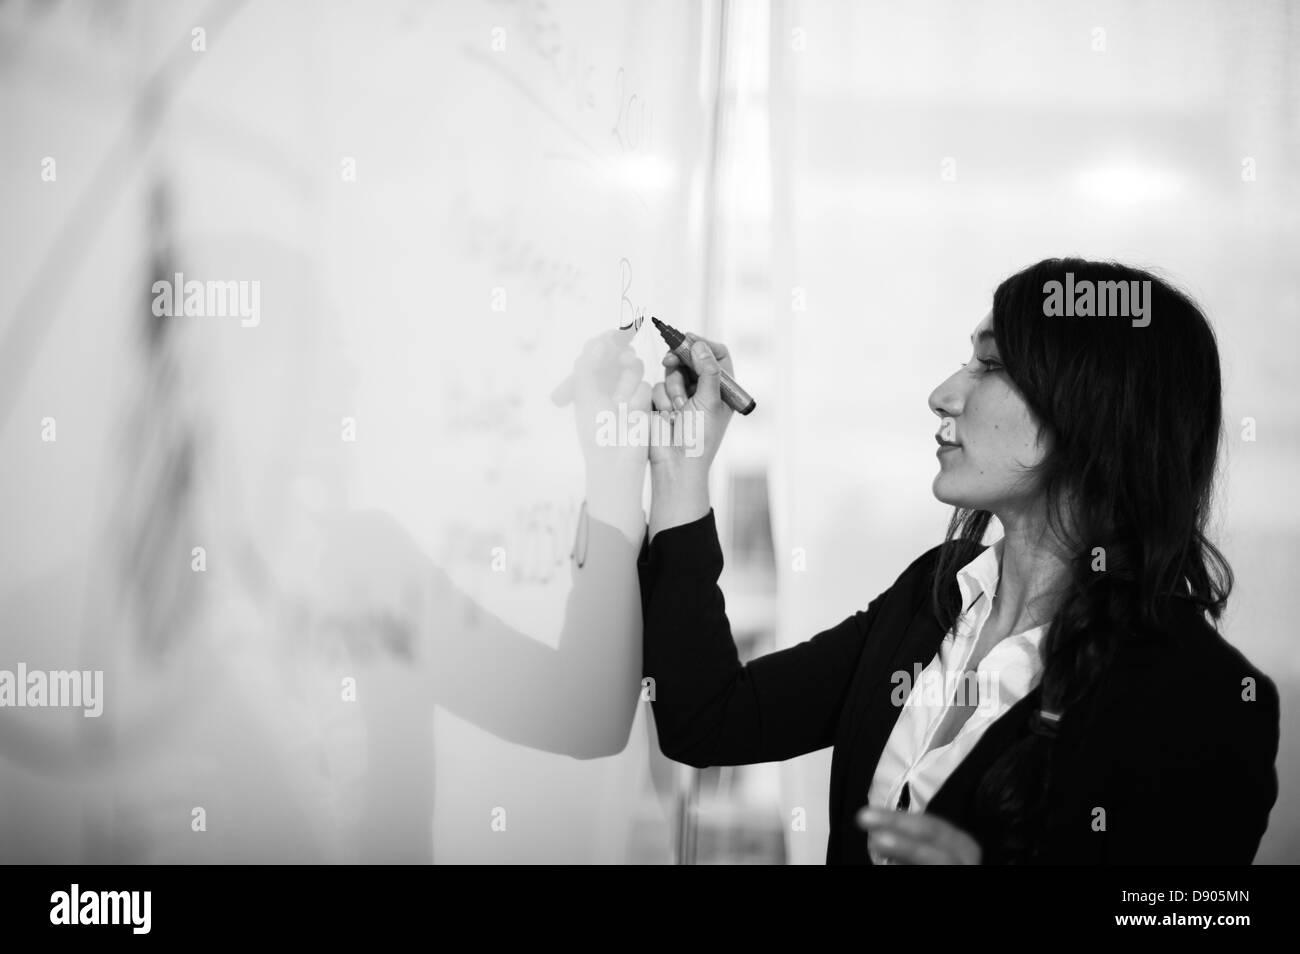 Mujer escribiendo en una pizarra blanca Imagen De Stock